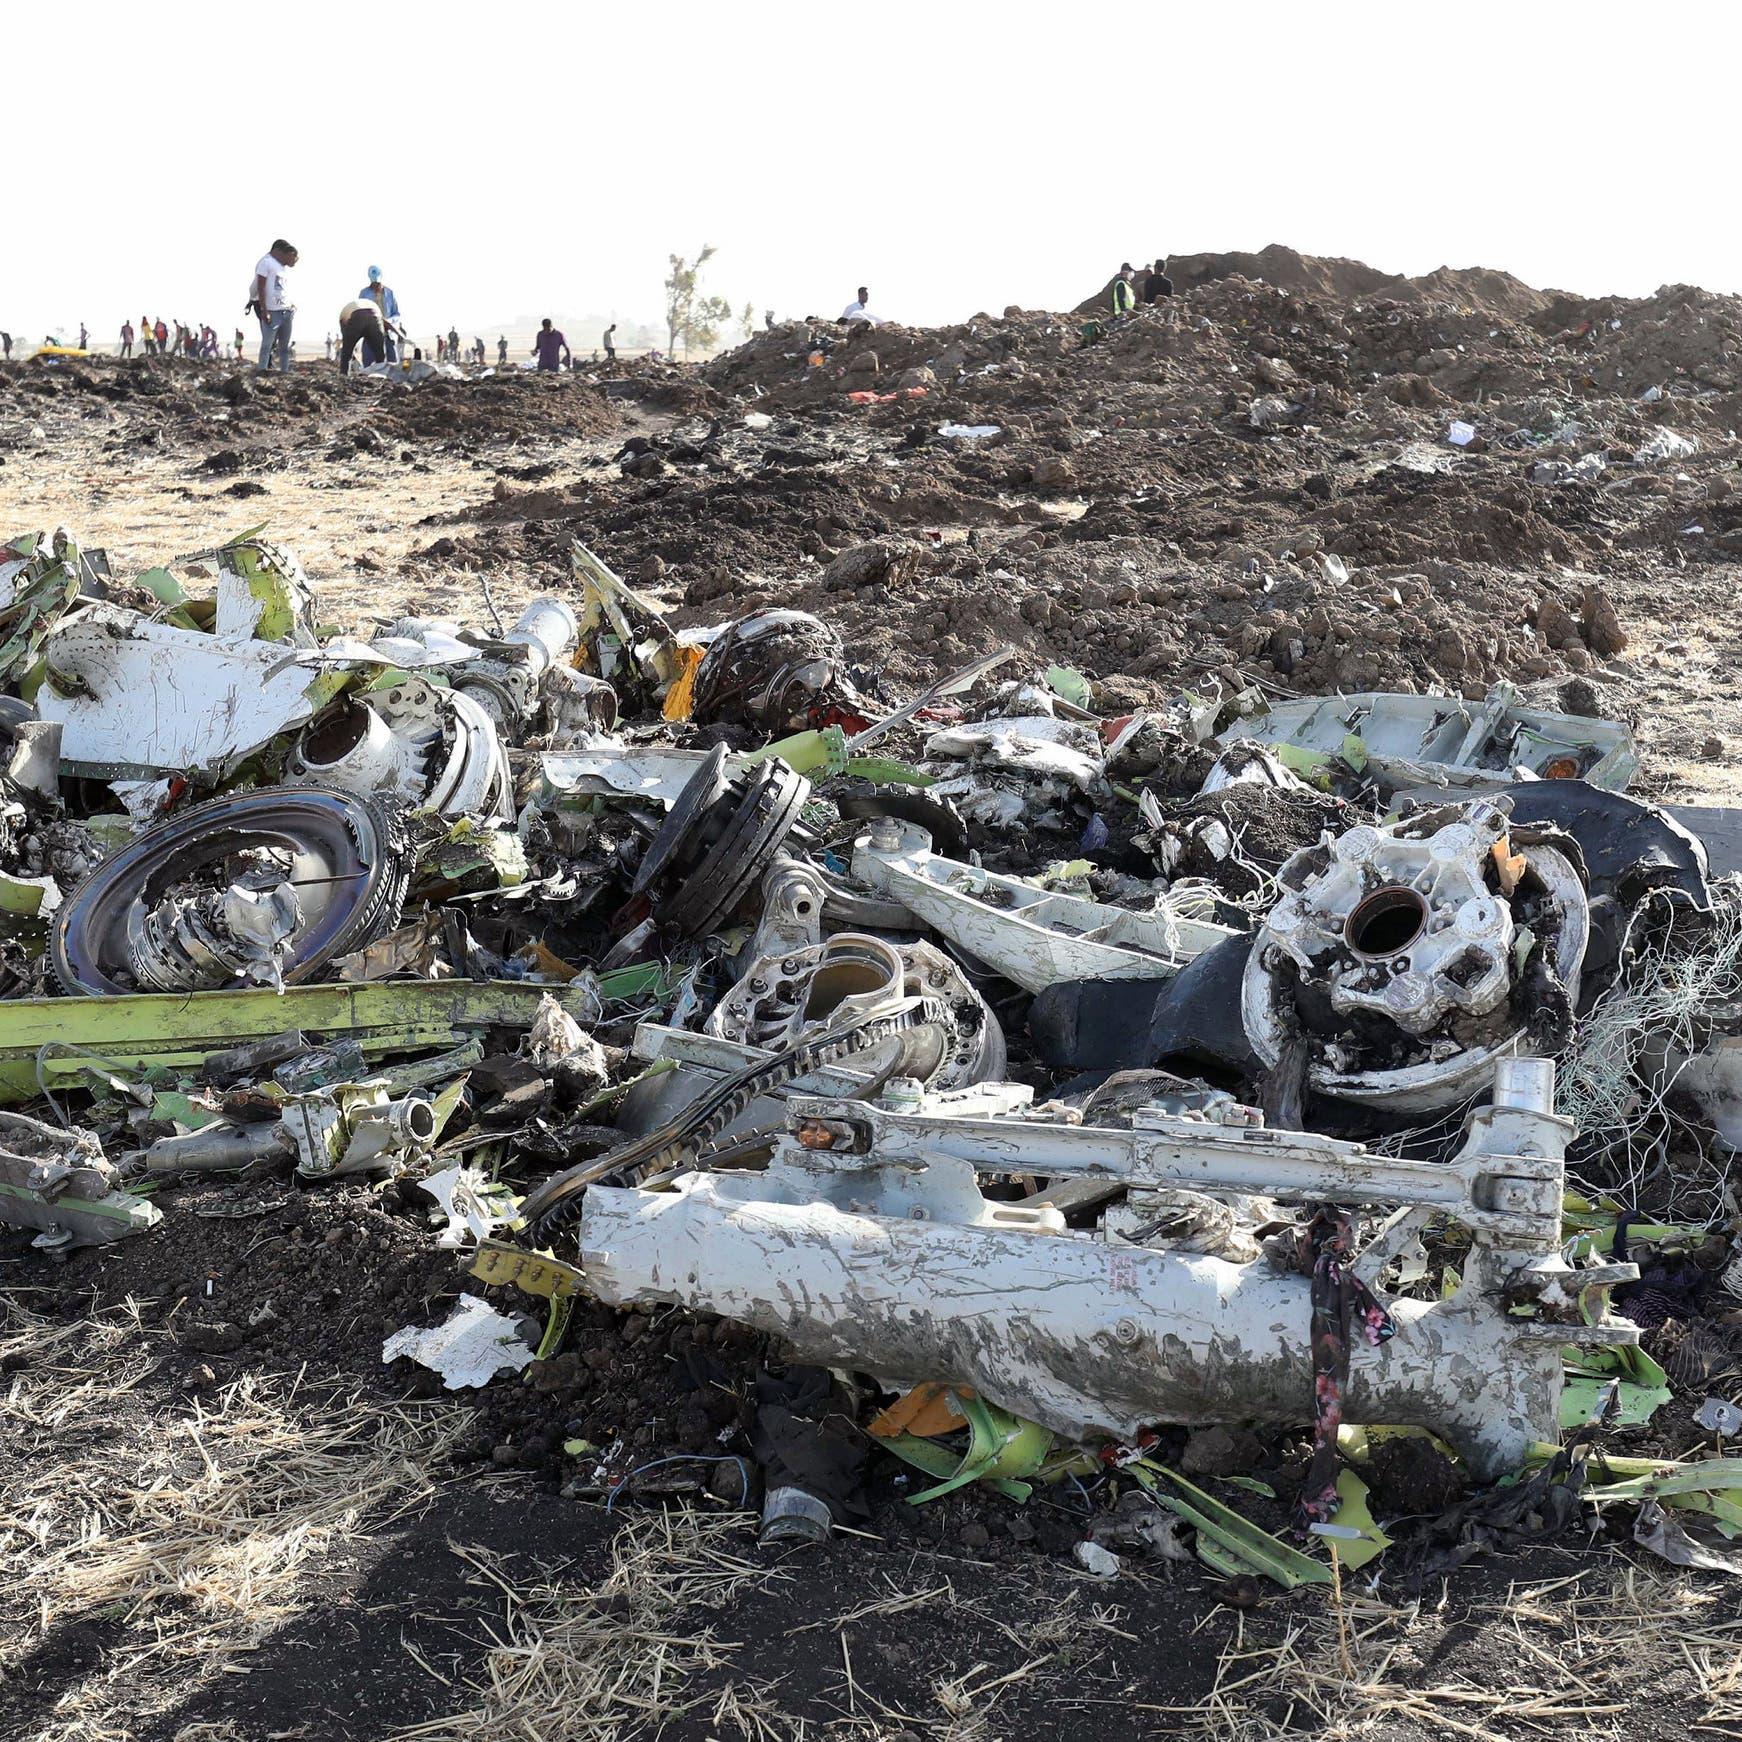 طائرة إثيوبيا المنكوبة.. شاهد عيان يكشف  تفاصيل جديدة